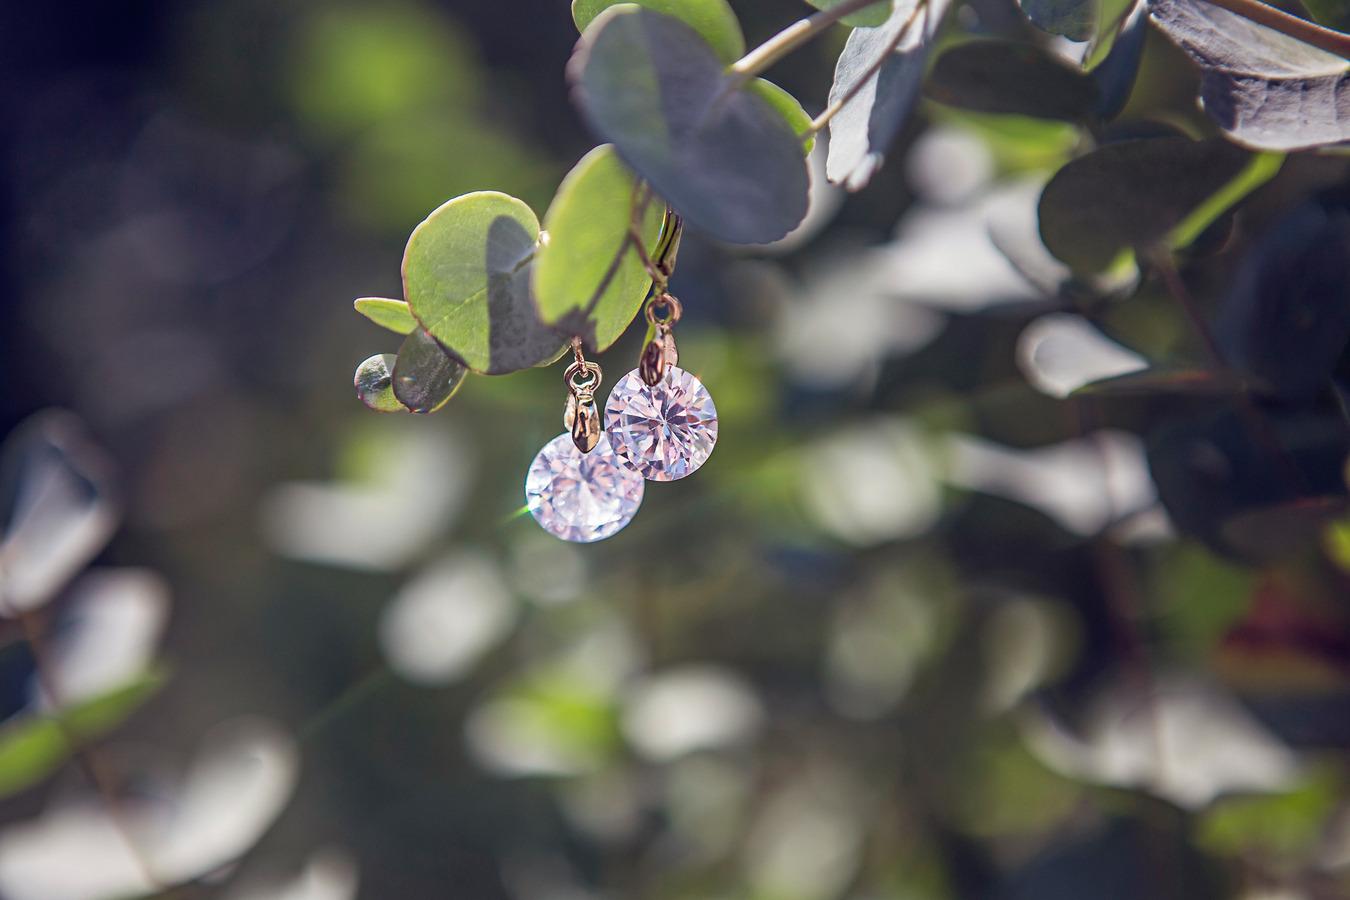 detailfoto oorbellen aan eucalyptus